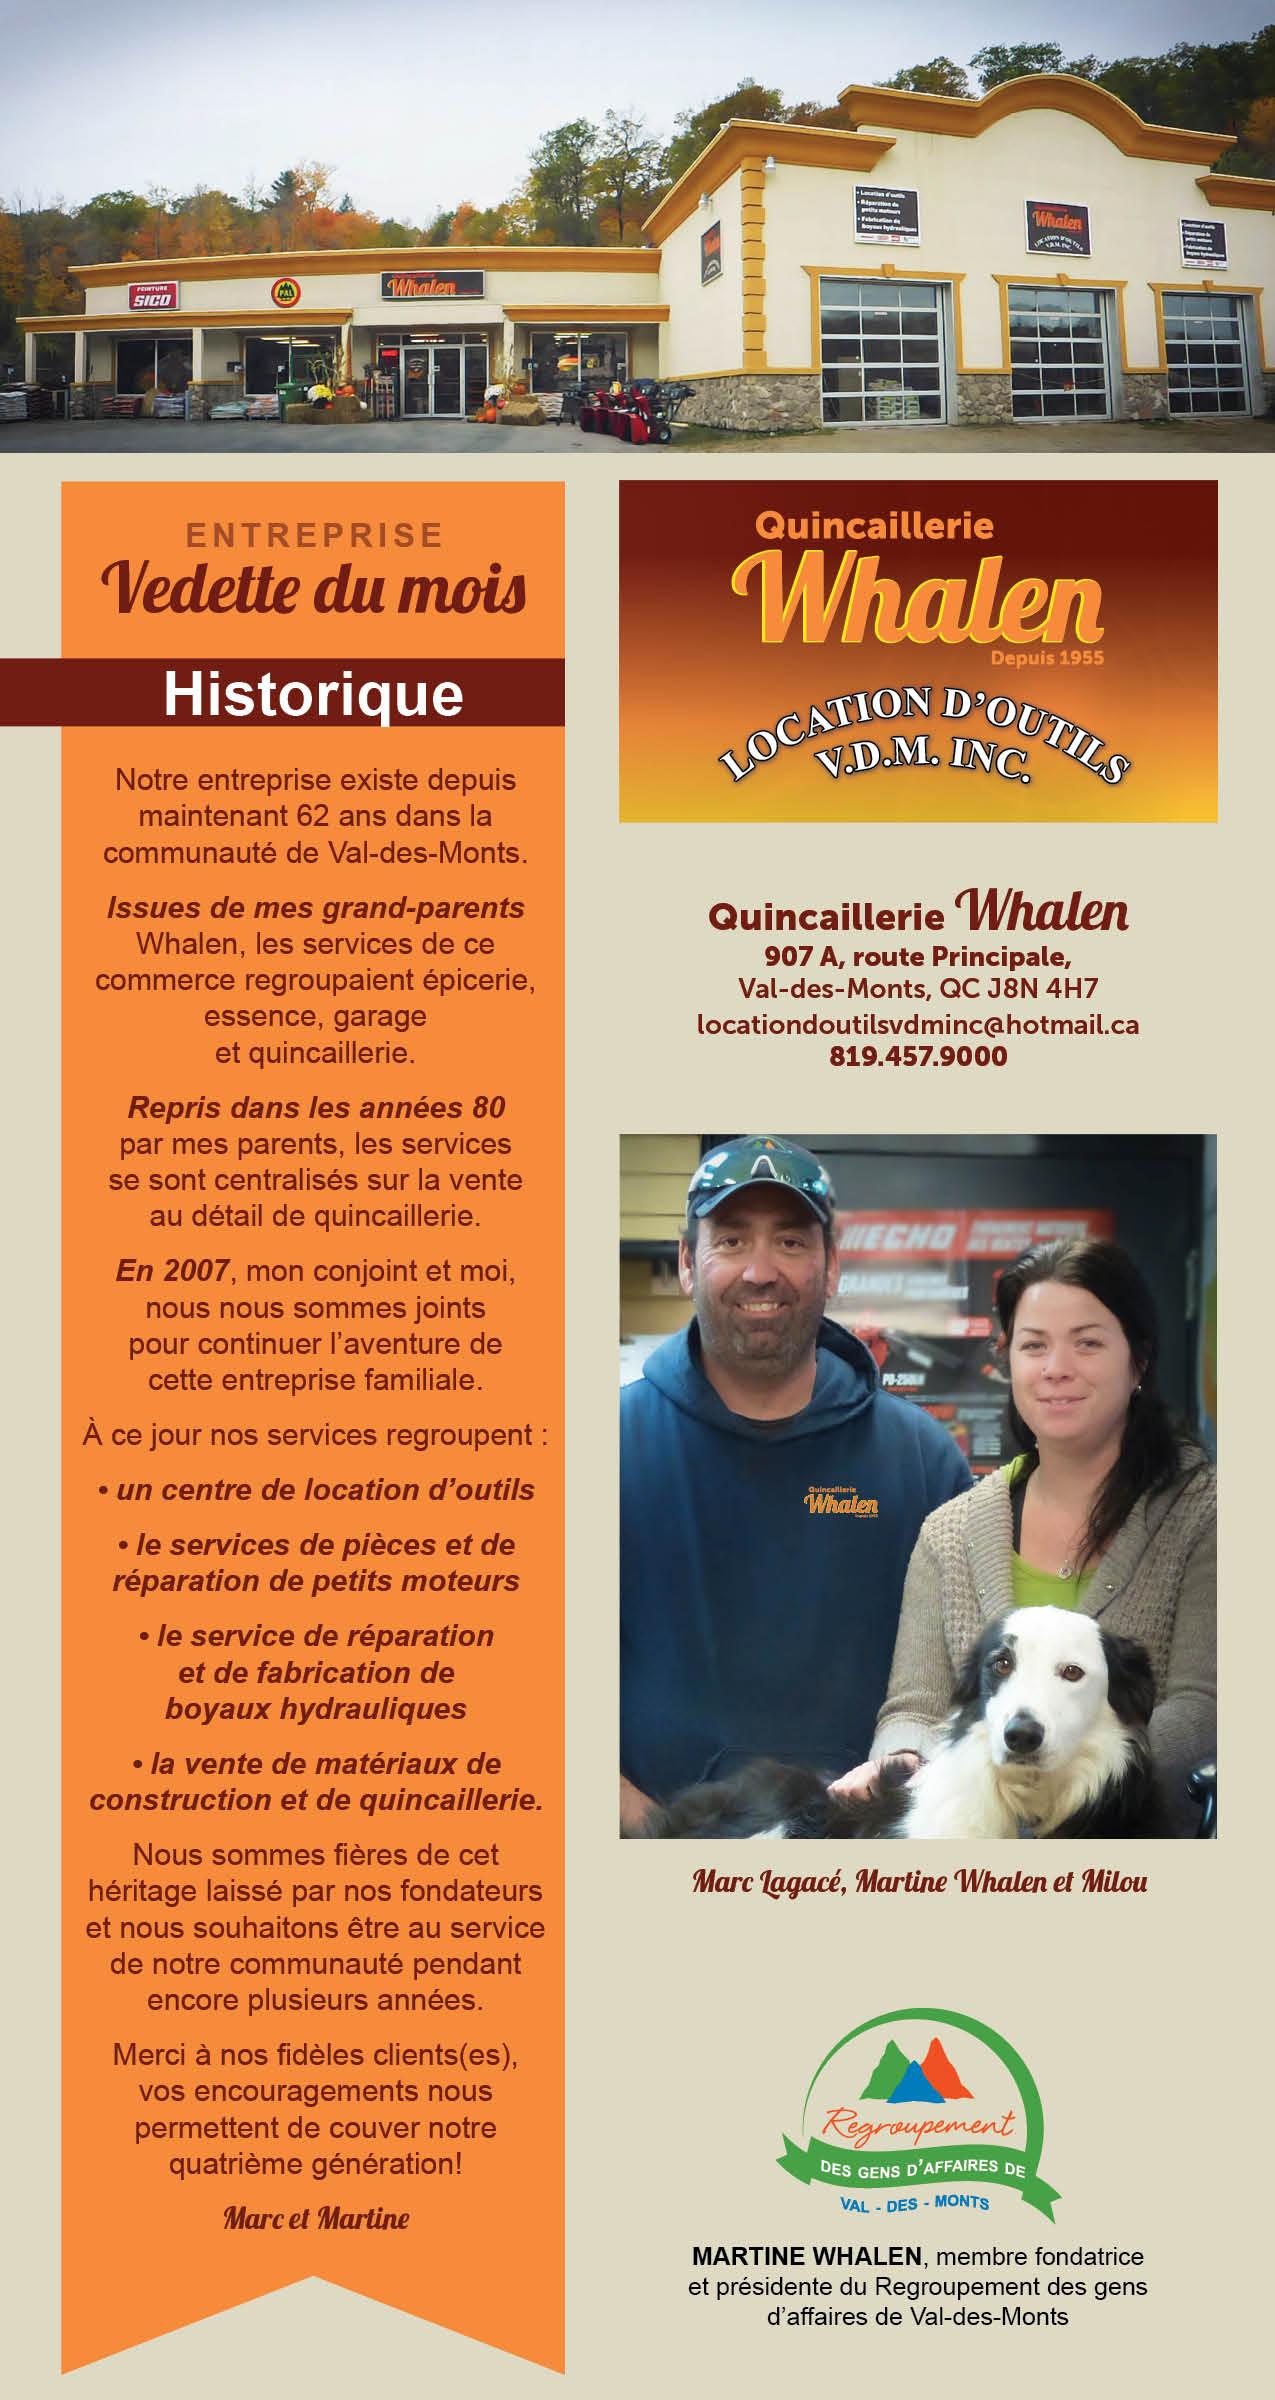 Vedette Quincaillerie Whalen